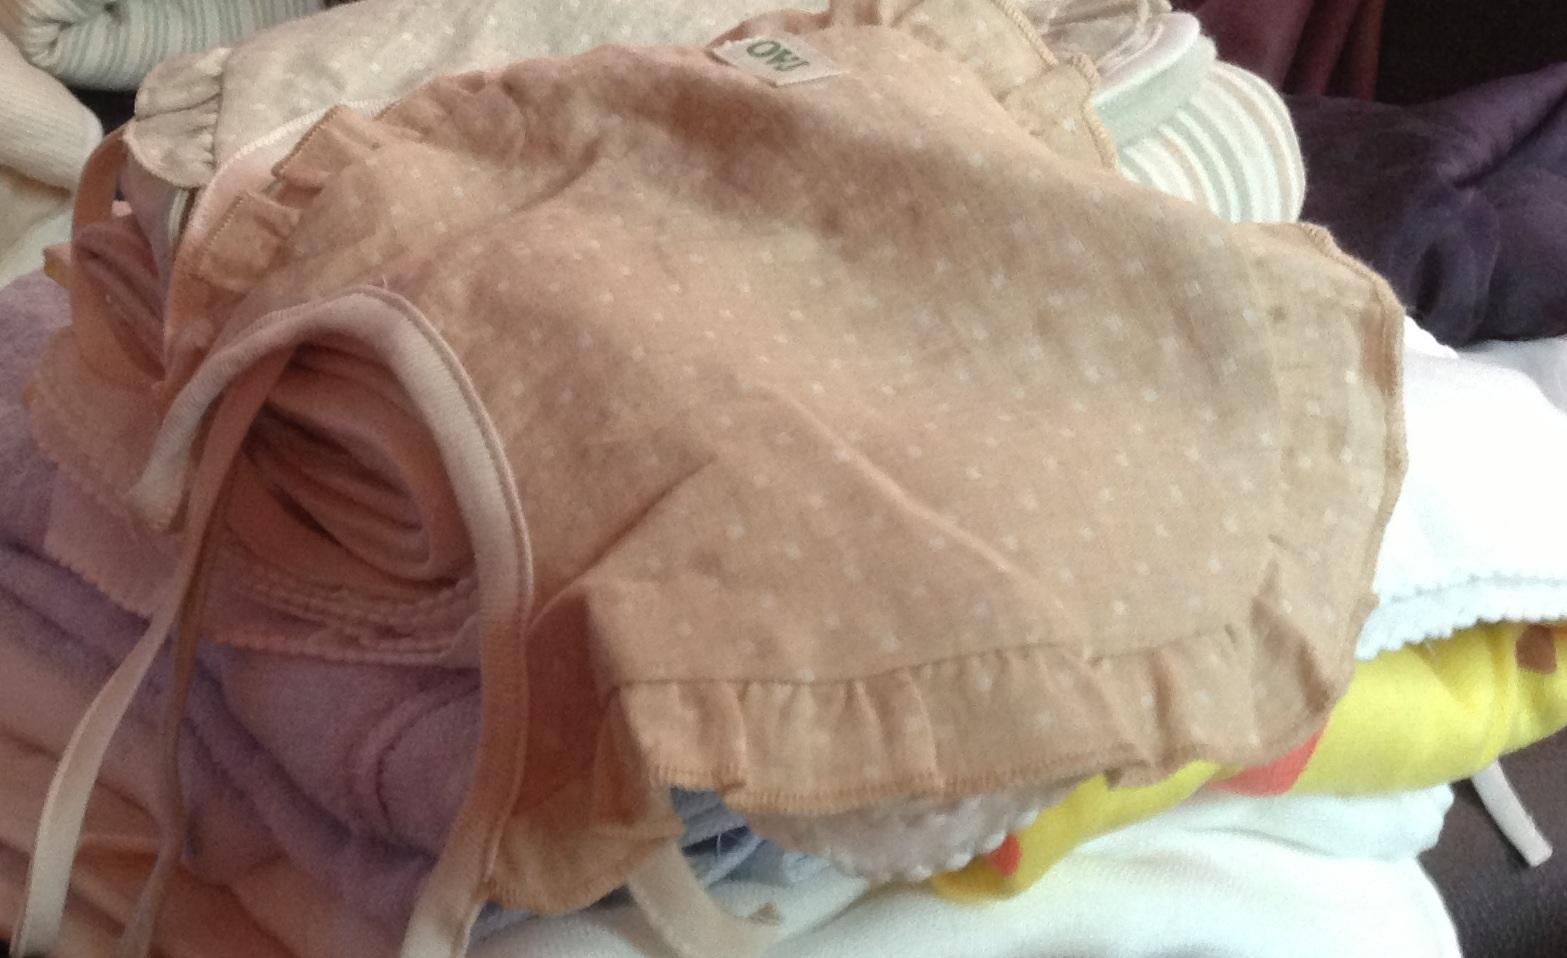 樂桃和家有機棉 嬰兒用品點點雙紗系帶圍嘴 寶寶系帶口水巾新生兒小圍兜 棕點 均碼 實拍圖